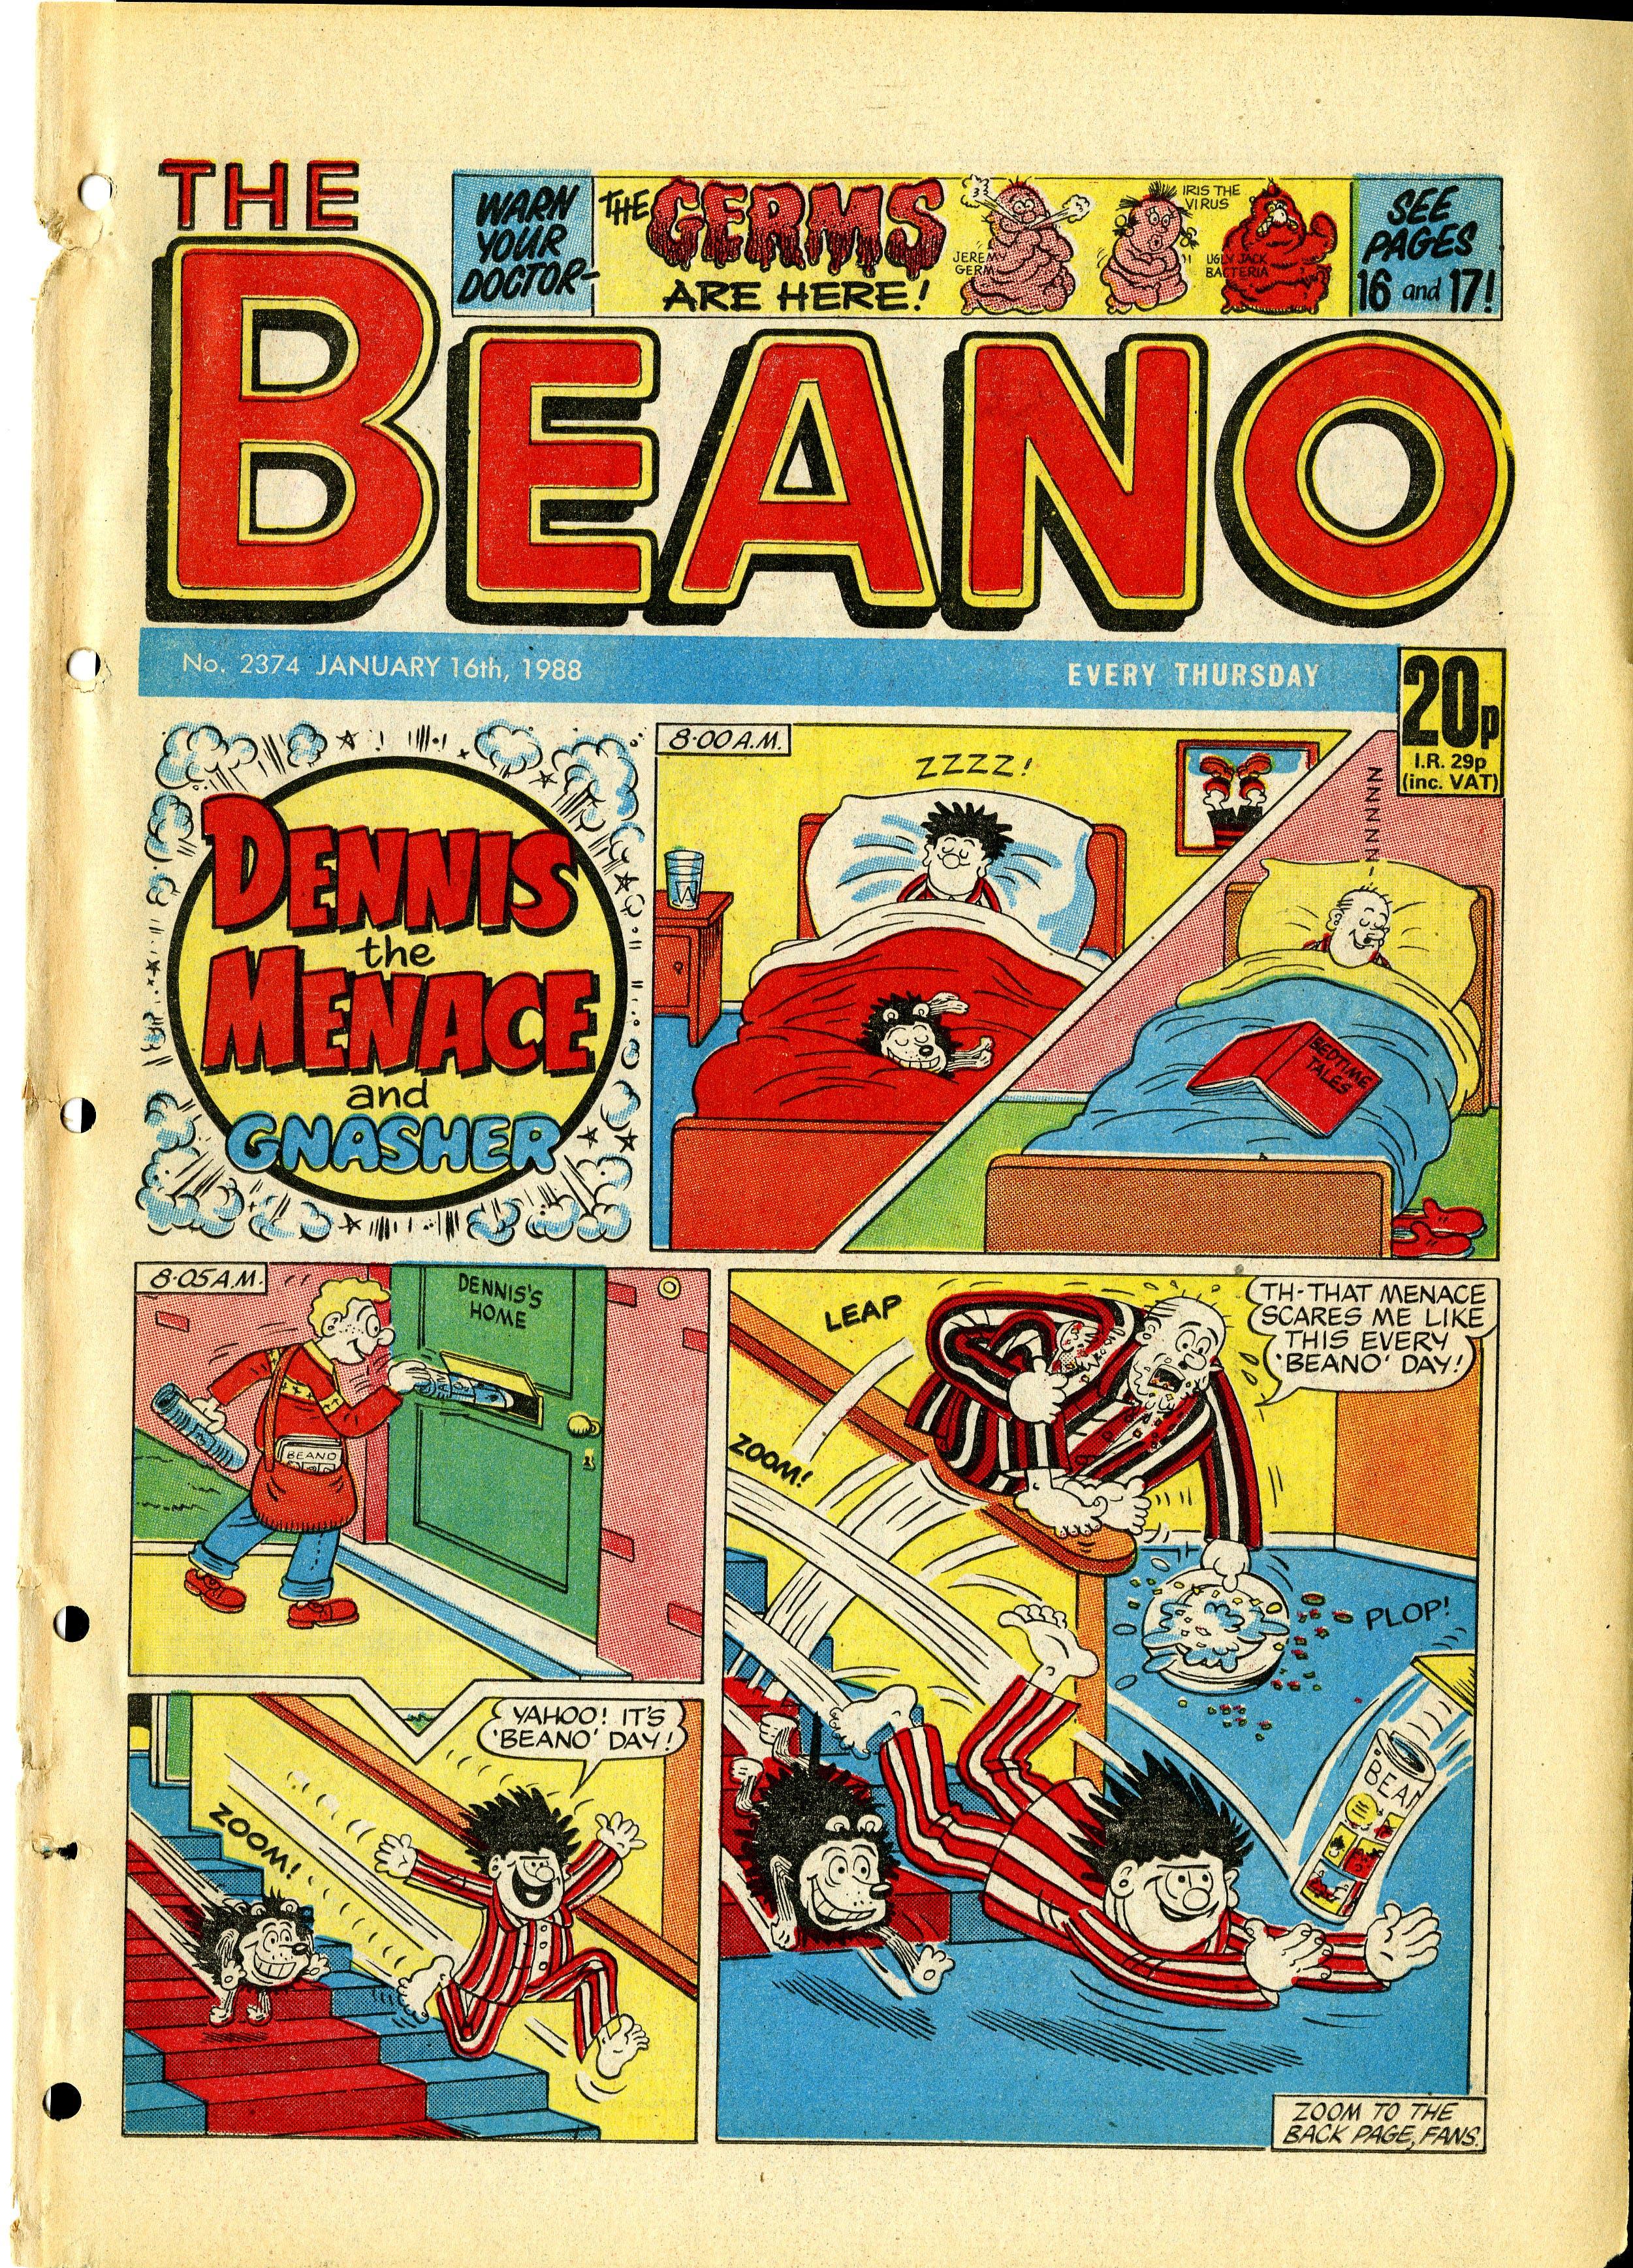 Beano January 16th 1988